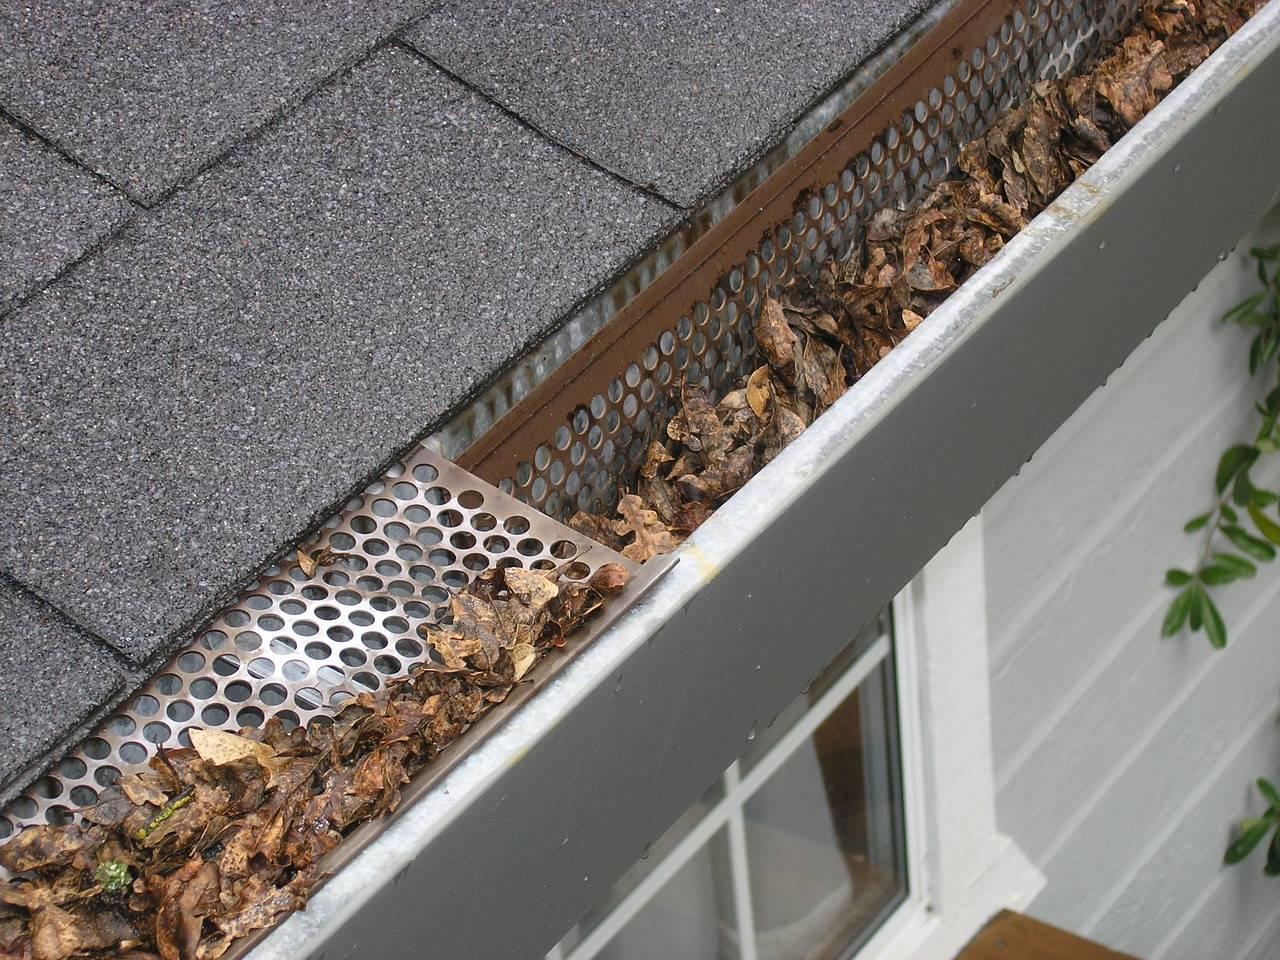 reforma de telhados problemas nas calhas e rufos